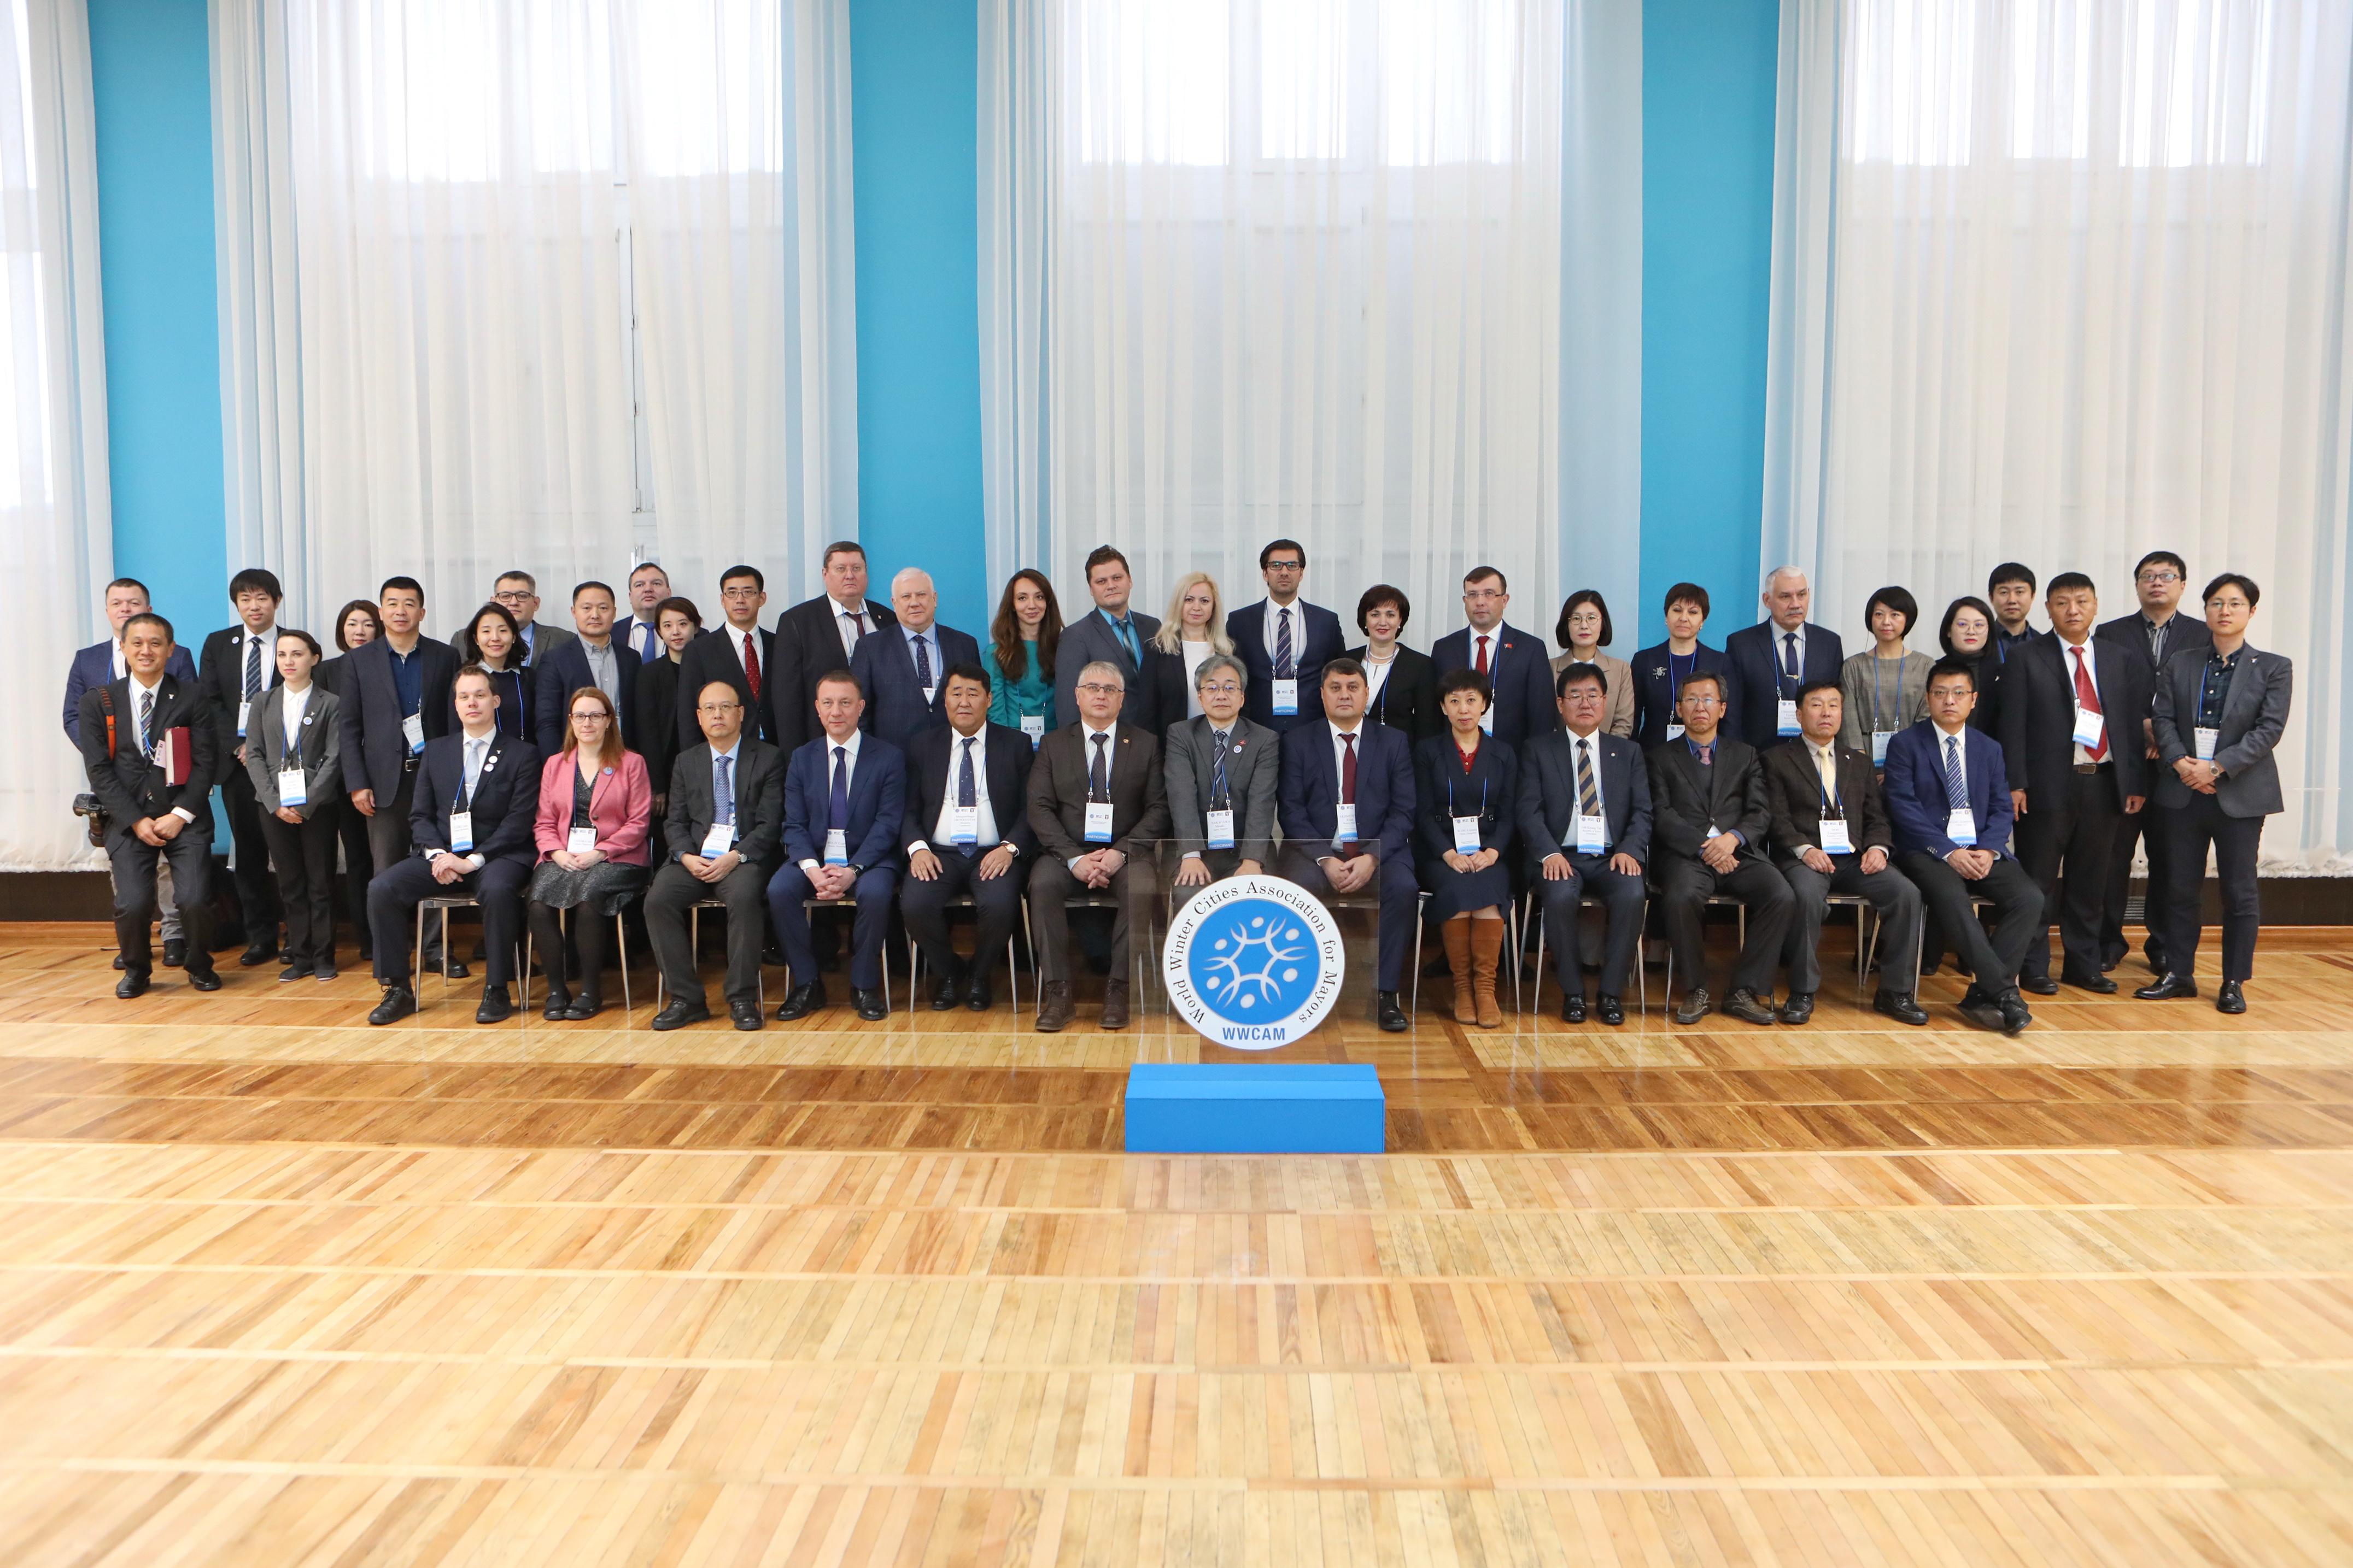 Рабочая встреча Ассоциации мэров зимних городов мира открылась в Норильске